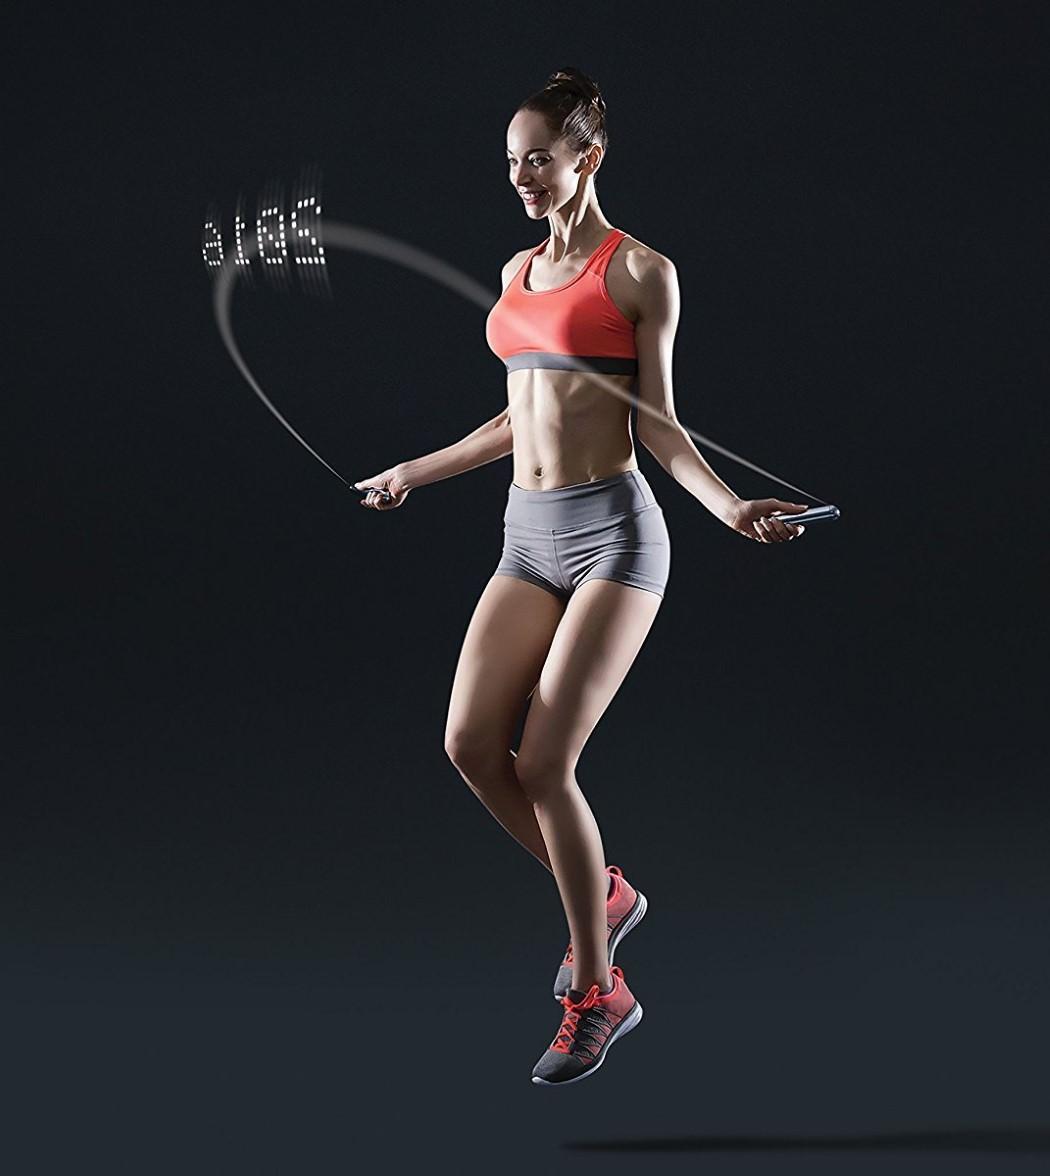 飛んだ数を表示してくれる縄跳び A TRIPPY SKIPPY ROPE © YANKO DESIGN